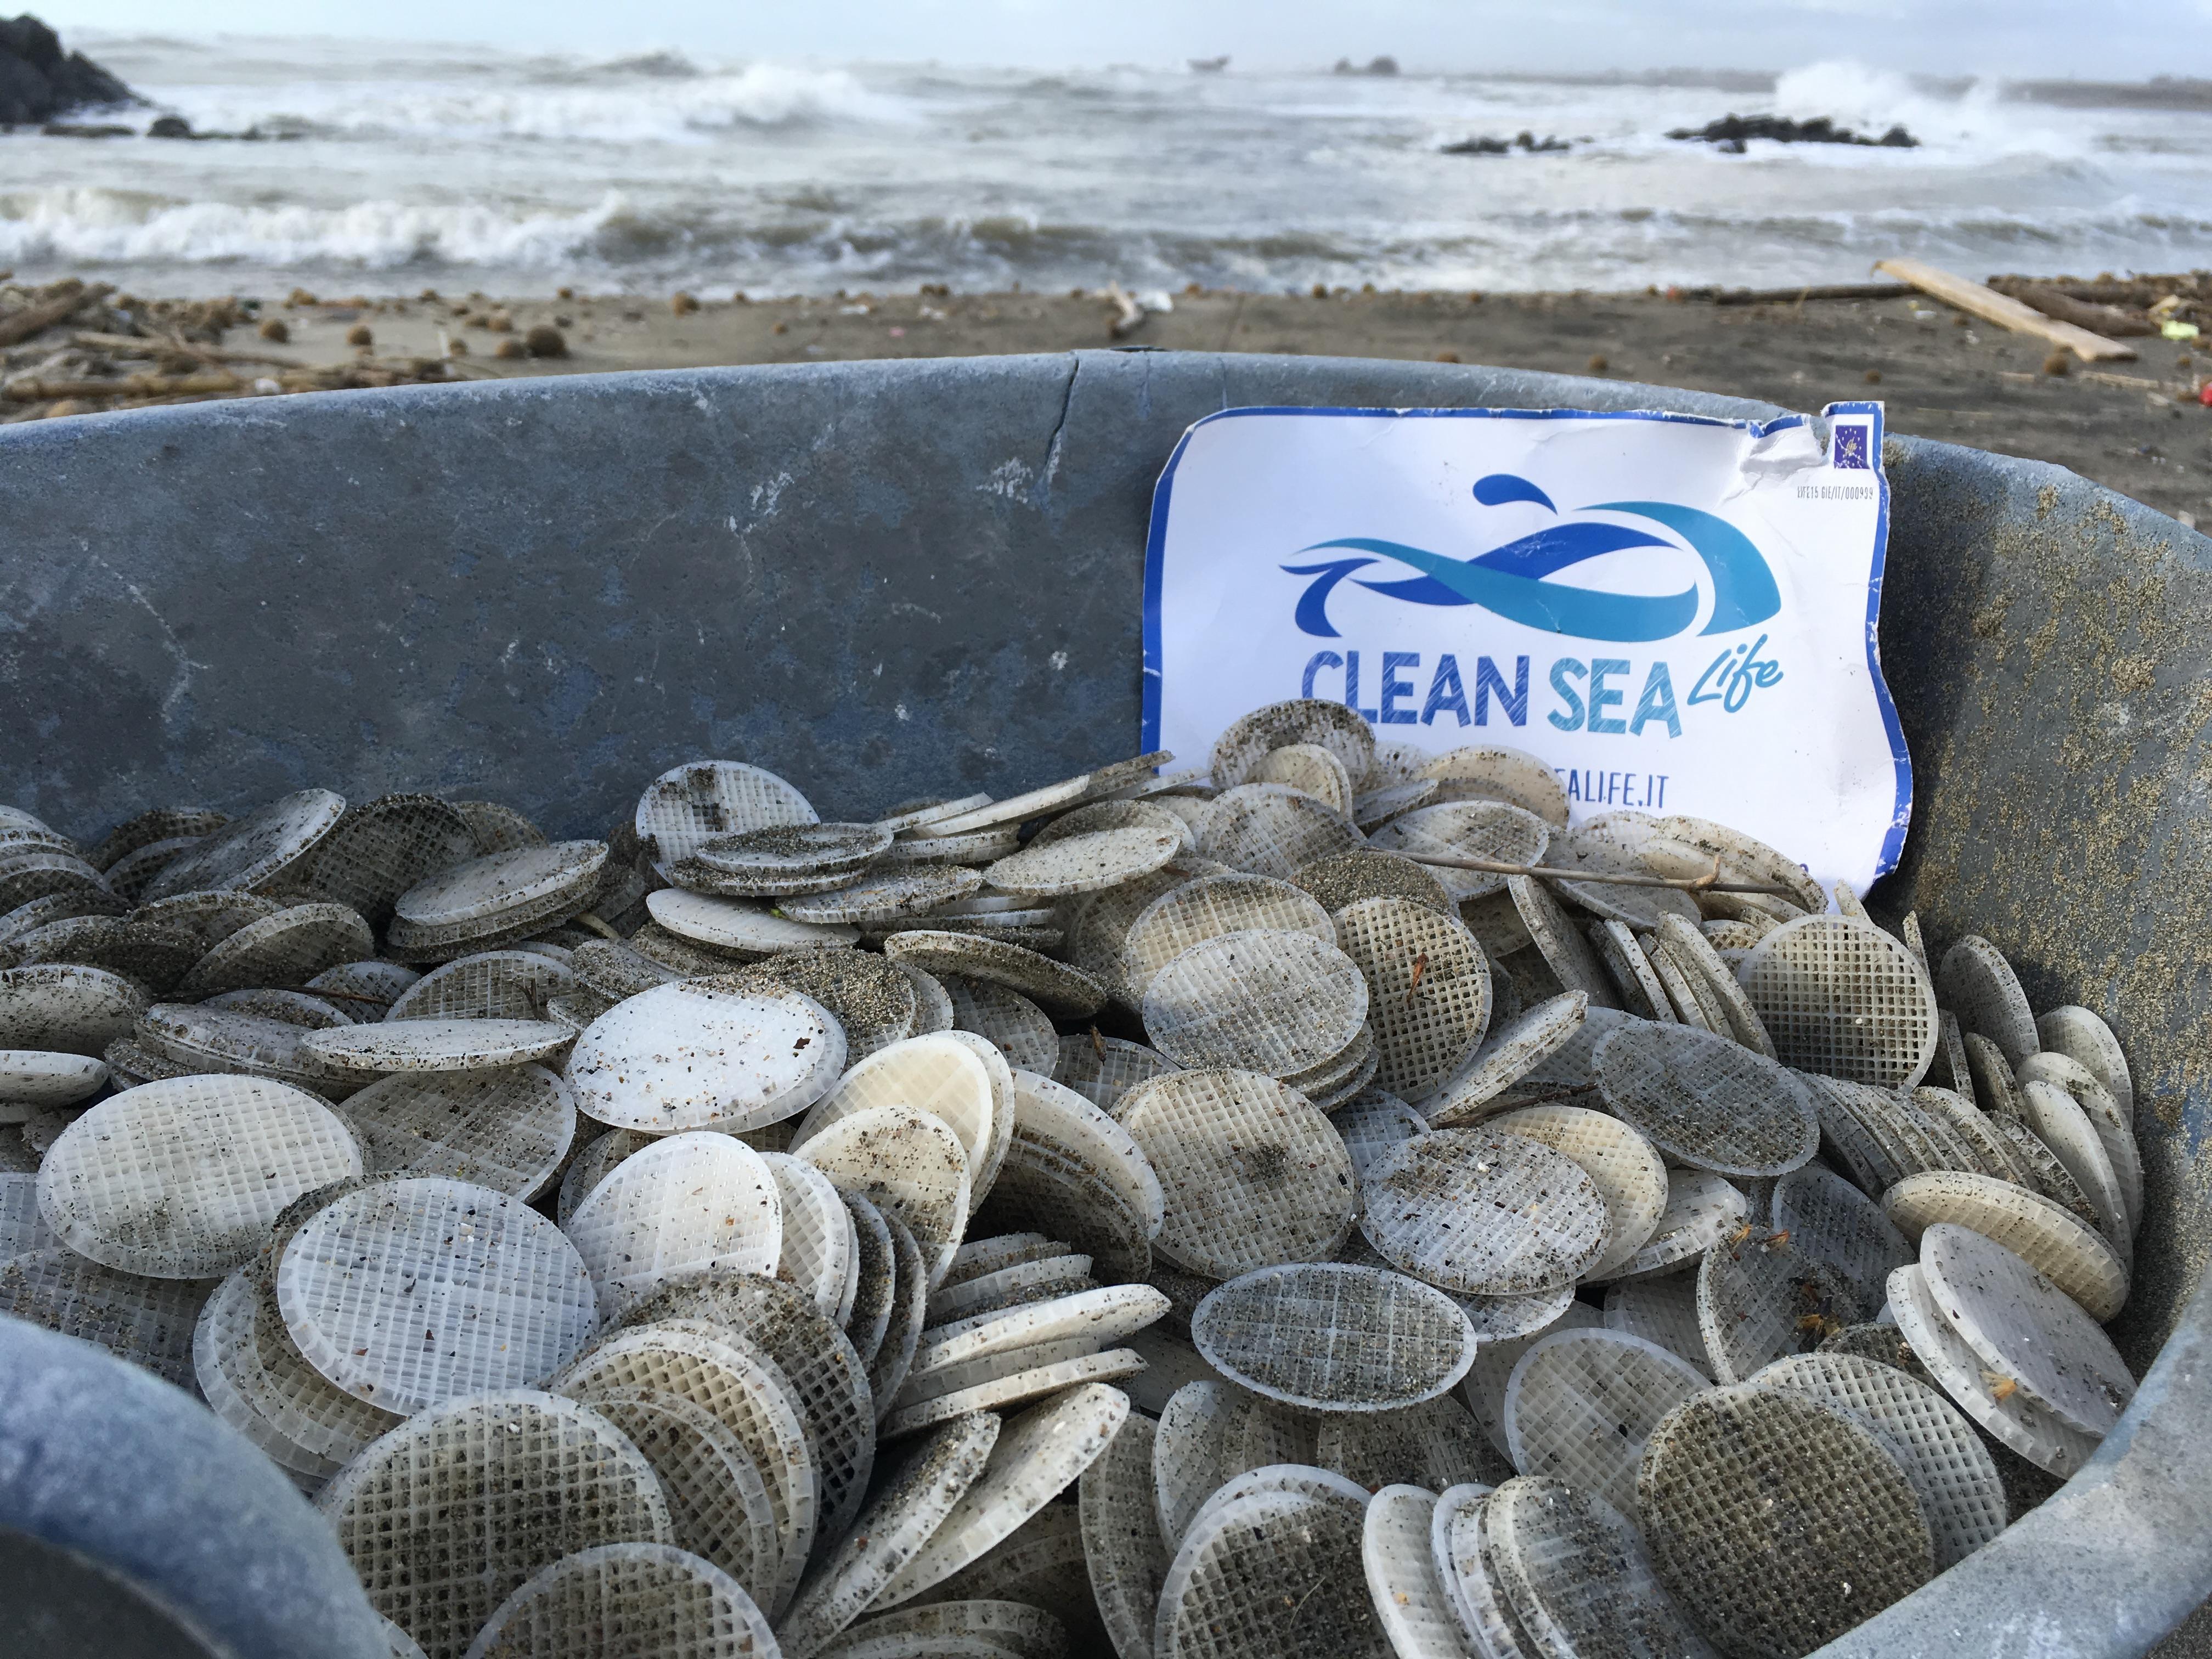 Dischetti plastica in mare